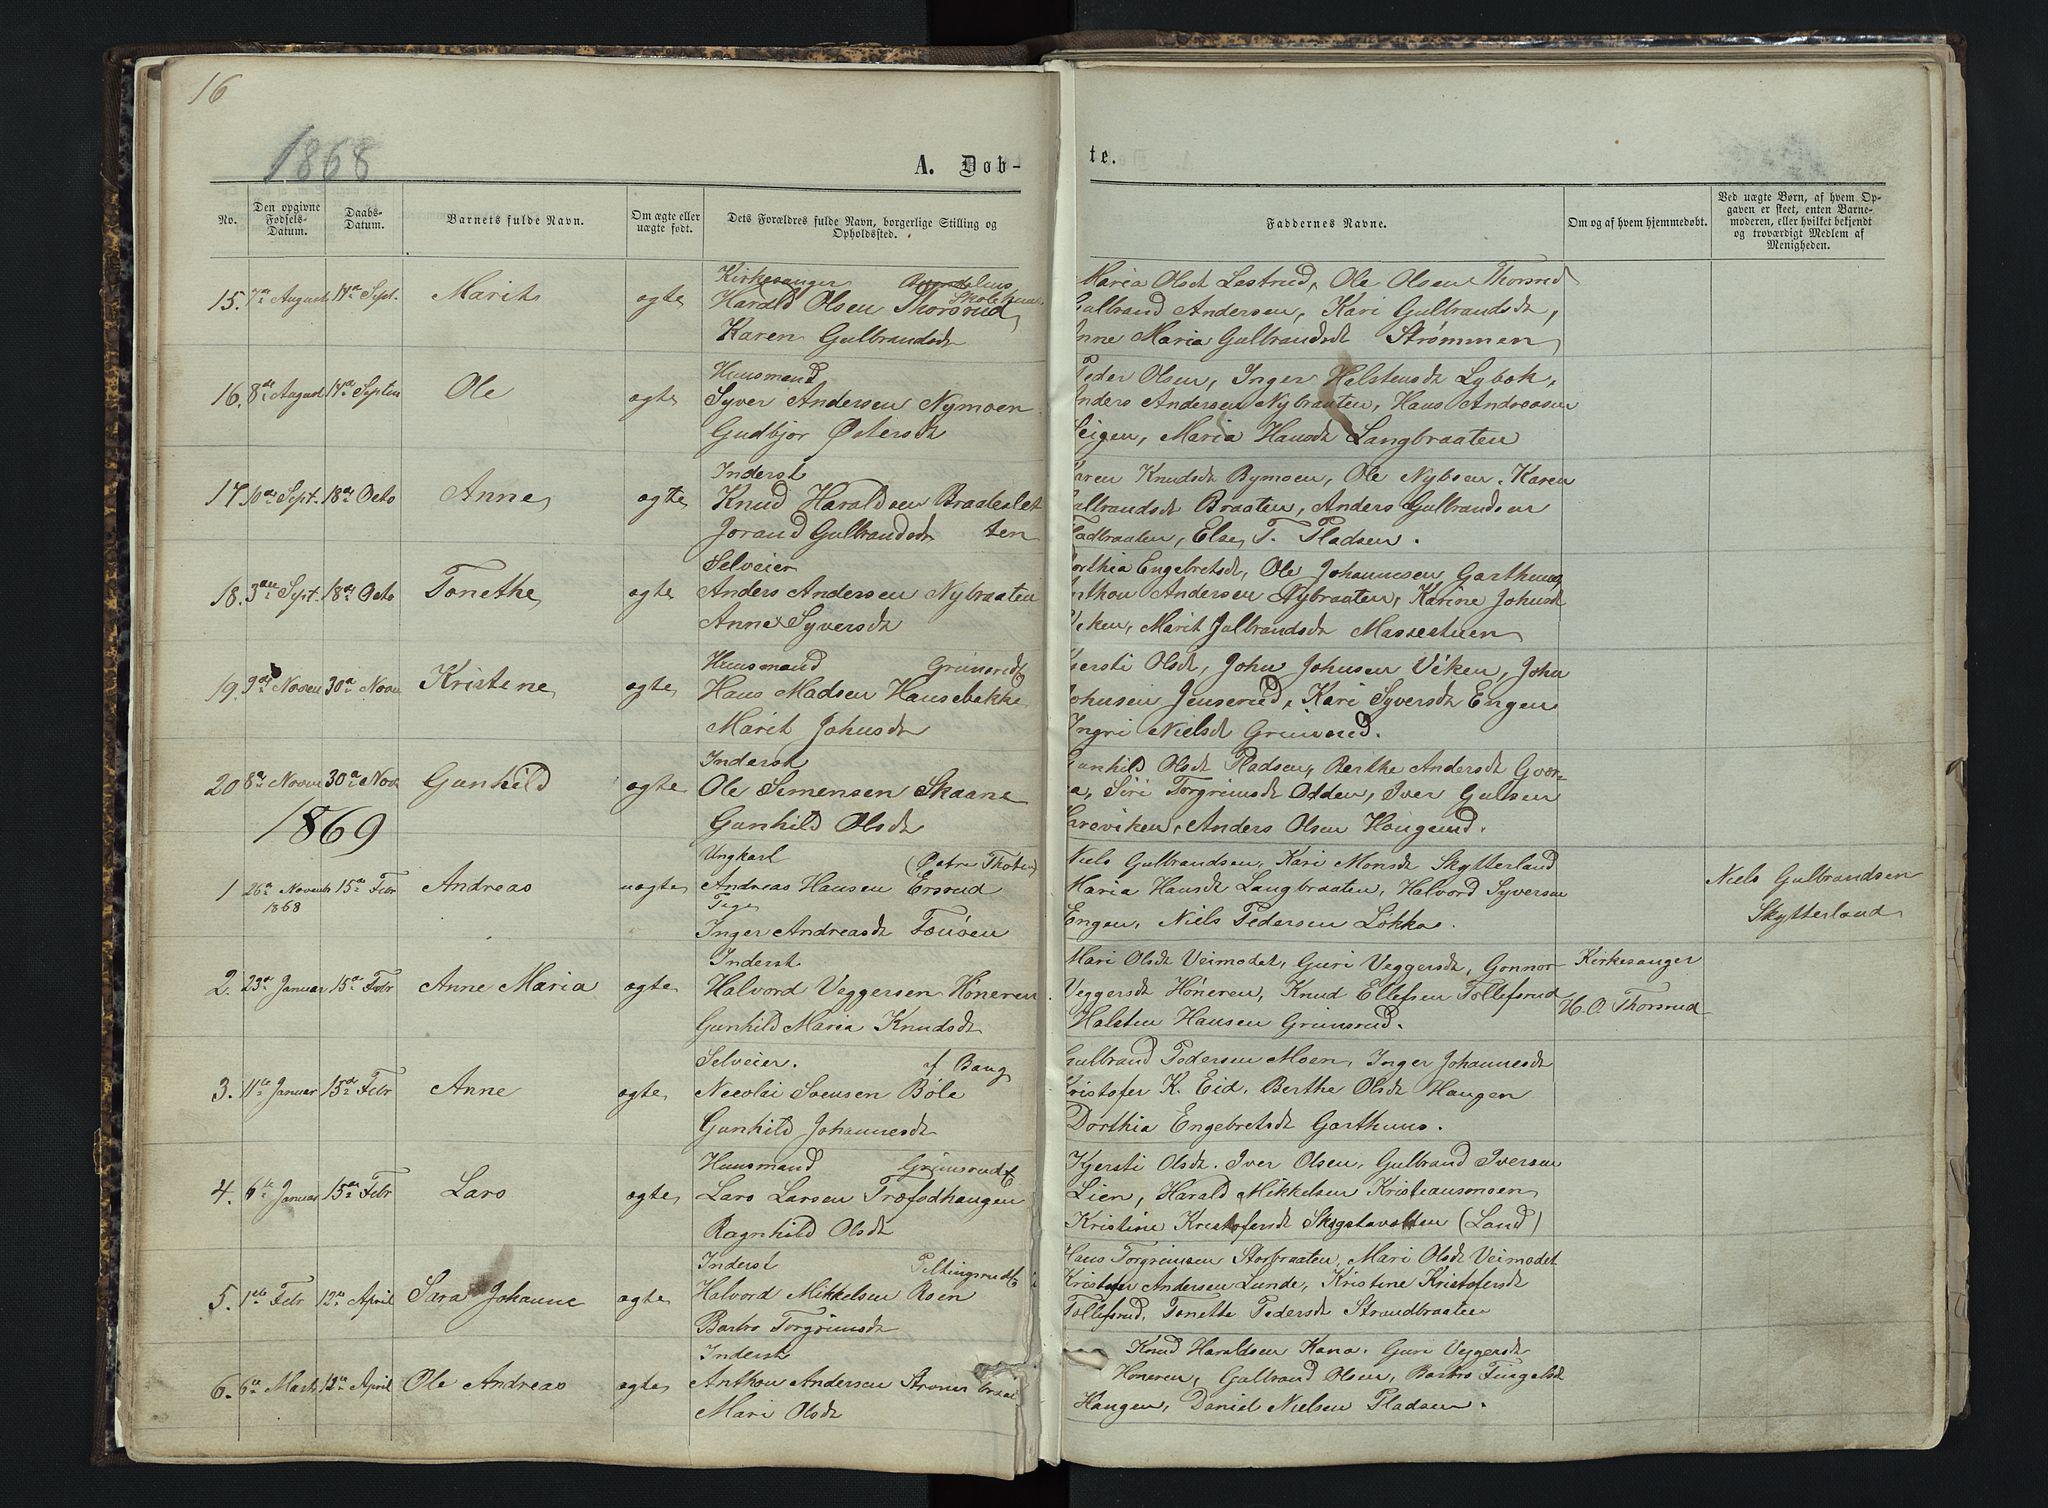 SAH, Sør-Aurdal prestekontor, Klokkerbok nr. 3, 1862-1893, s. 16